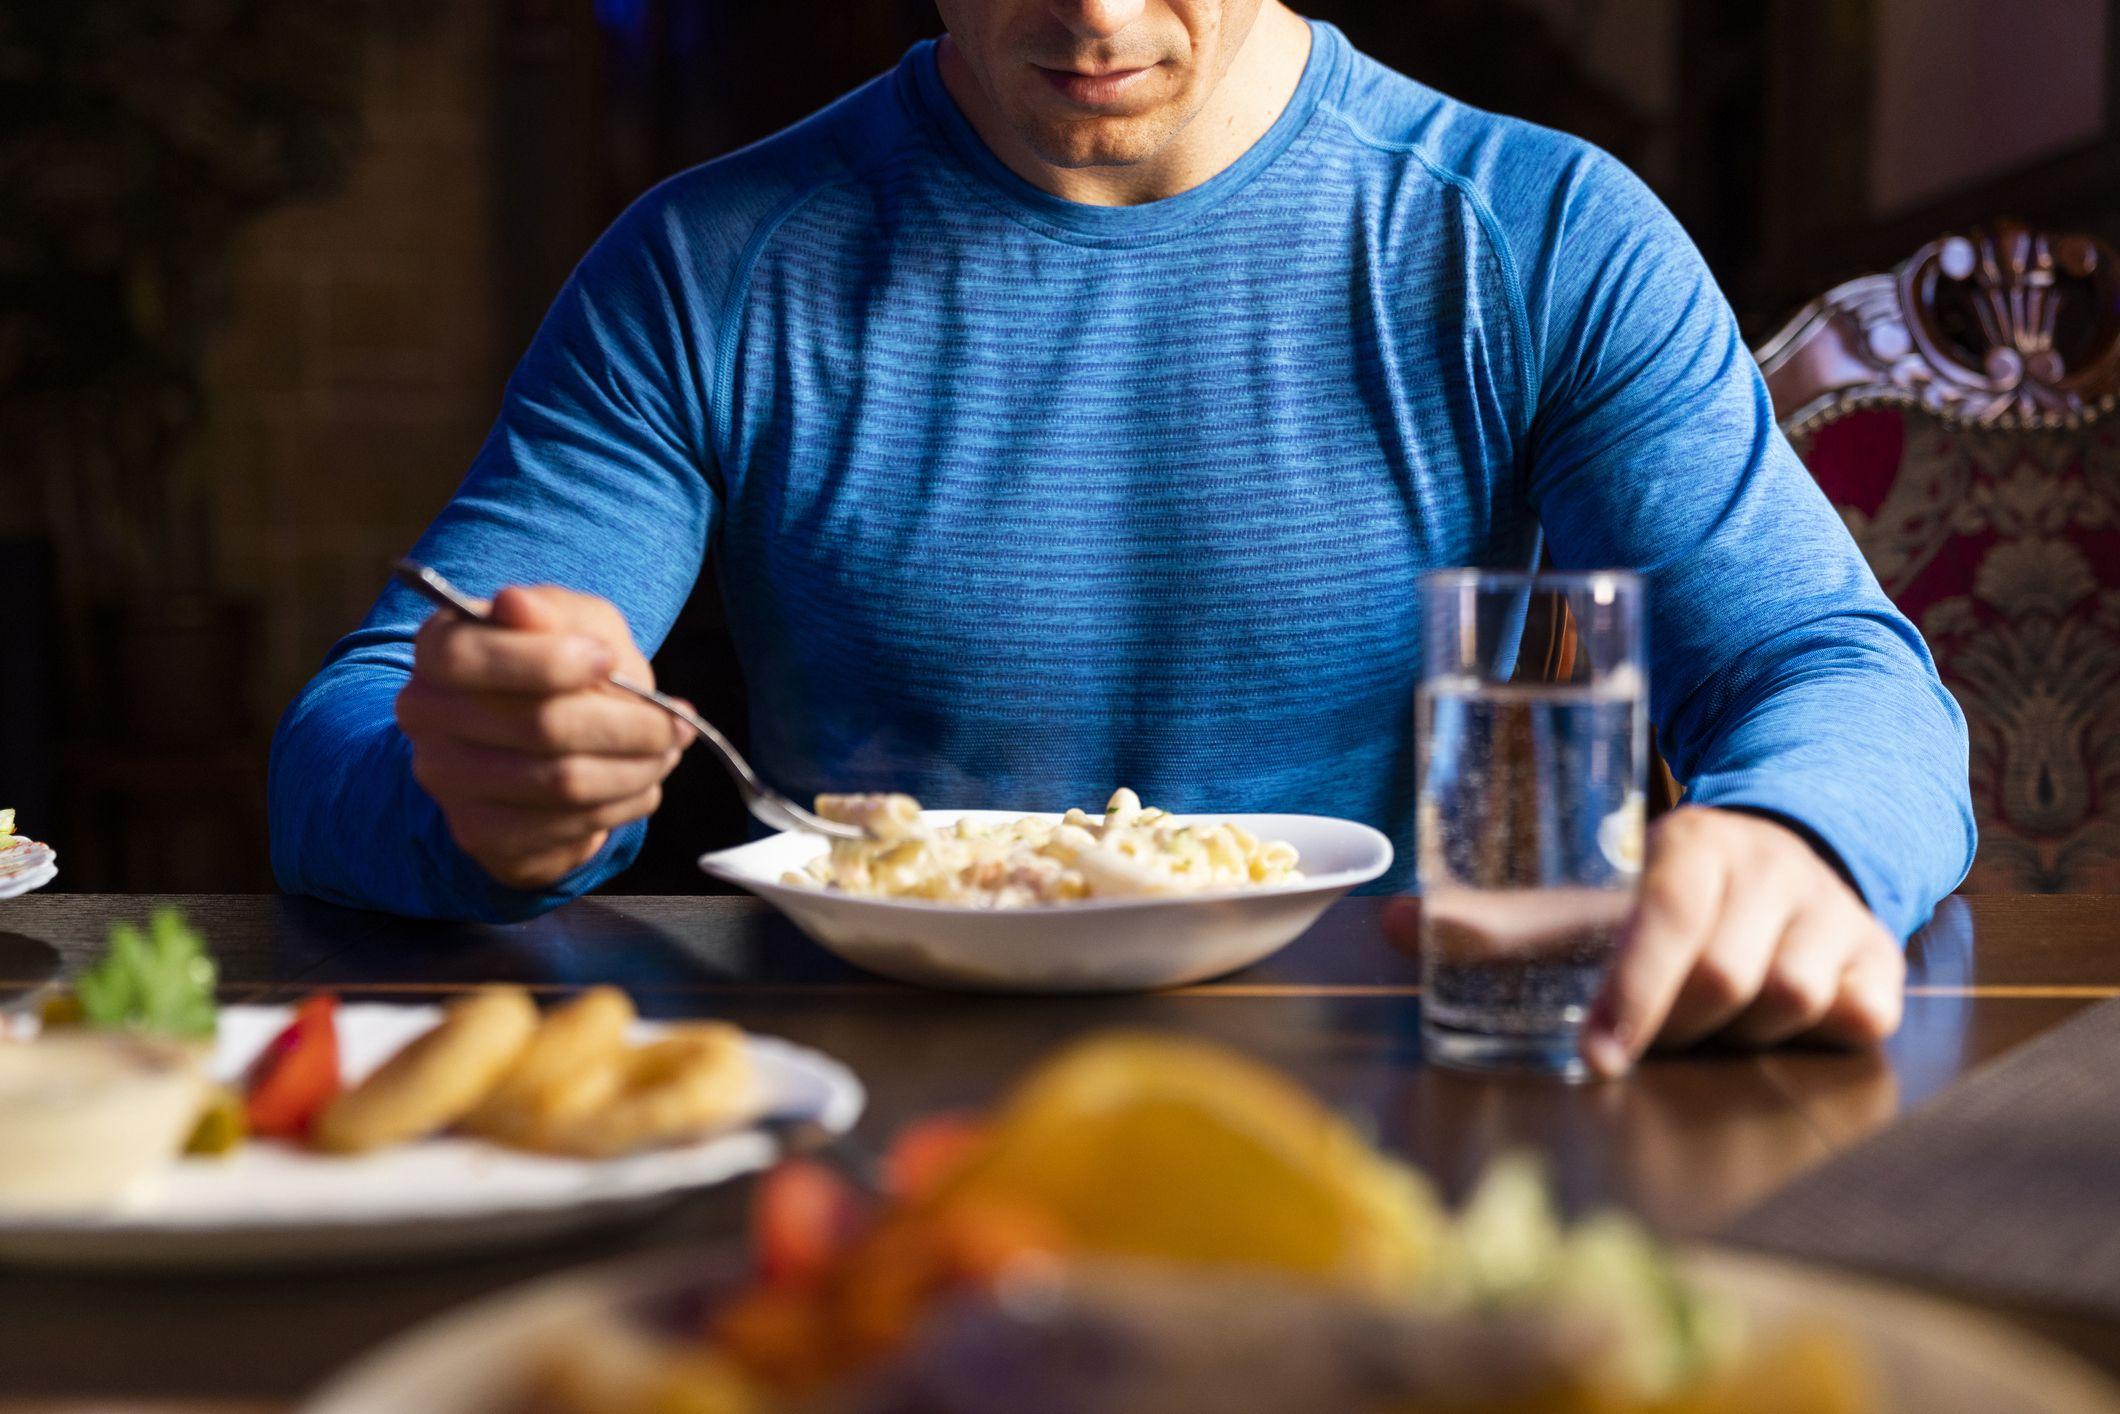 Como bajar de peso comiendo normalmente